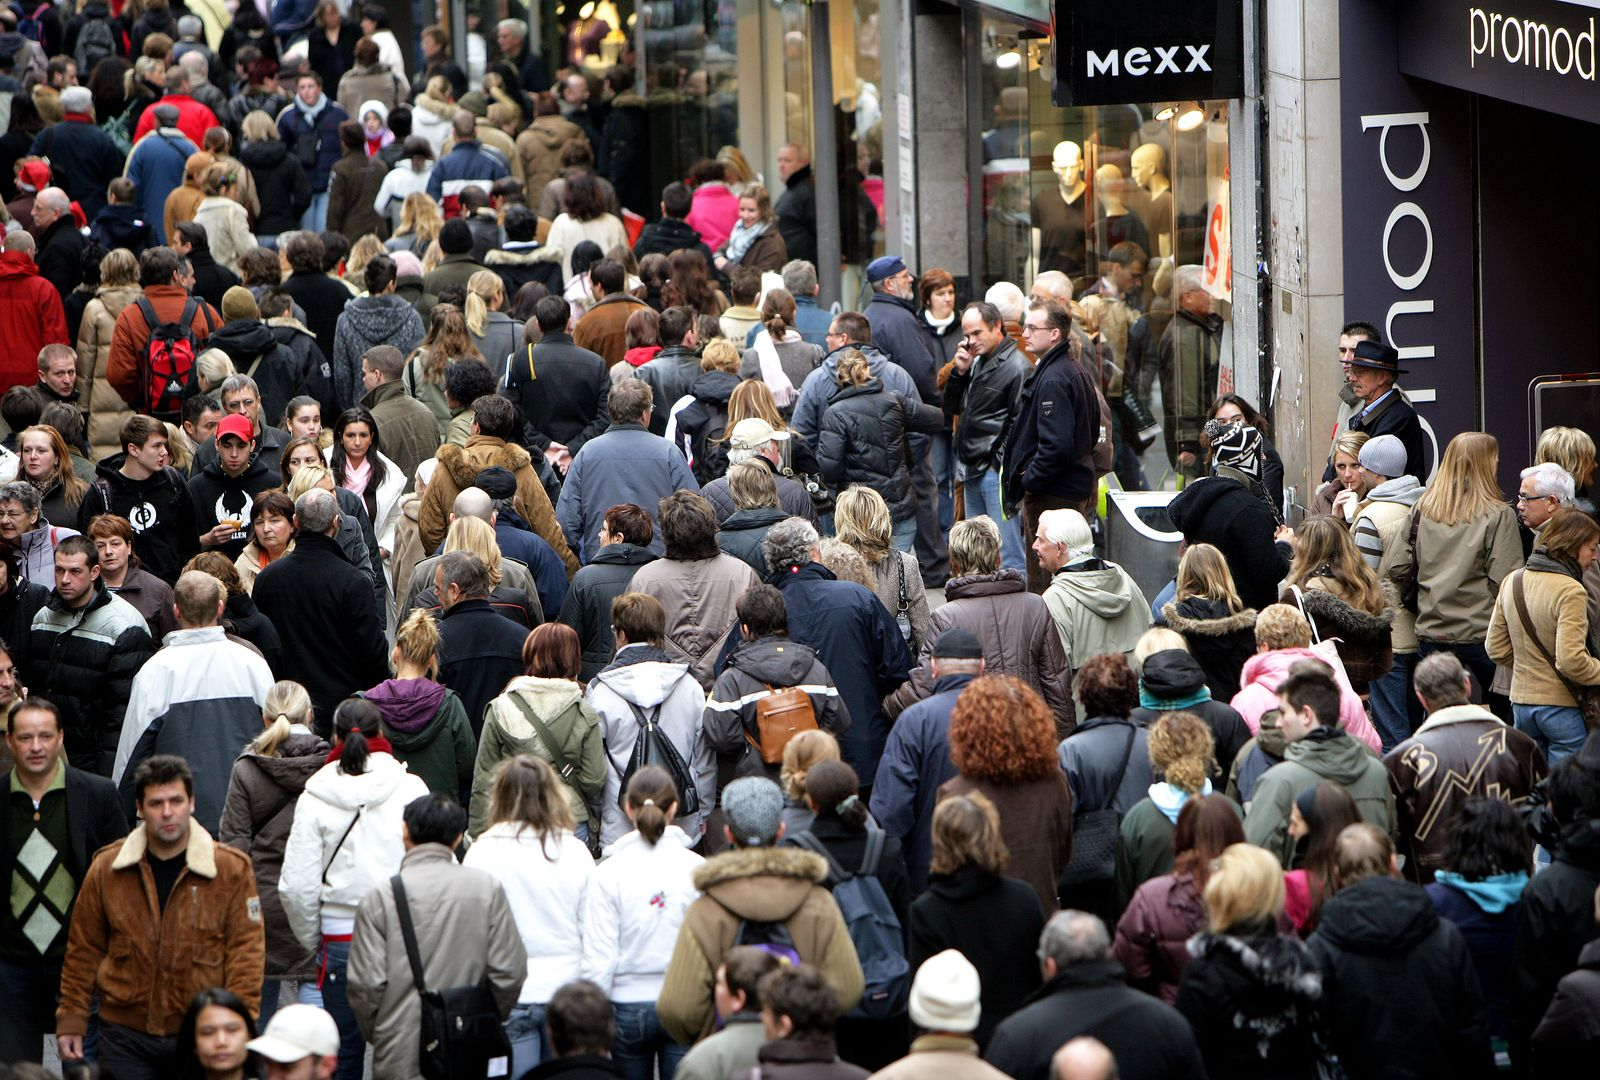 Deutschland / Konjunktur / Einzelhandel / Aufschwung / Verbraucher / Einkaufen / Shoppen / Passanten / Konsum / Zuwanderung / Zuwanderer / Verbraucher / Steuer / Steuerschätzung